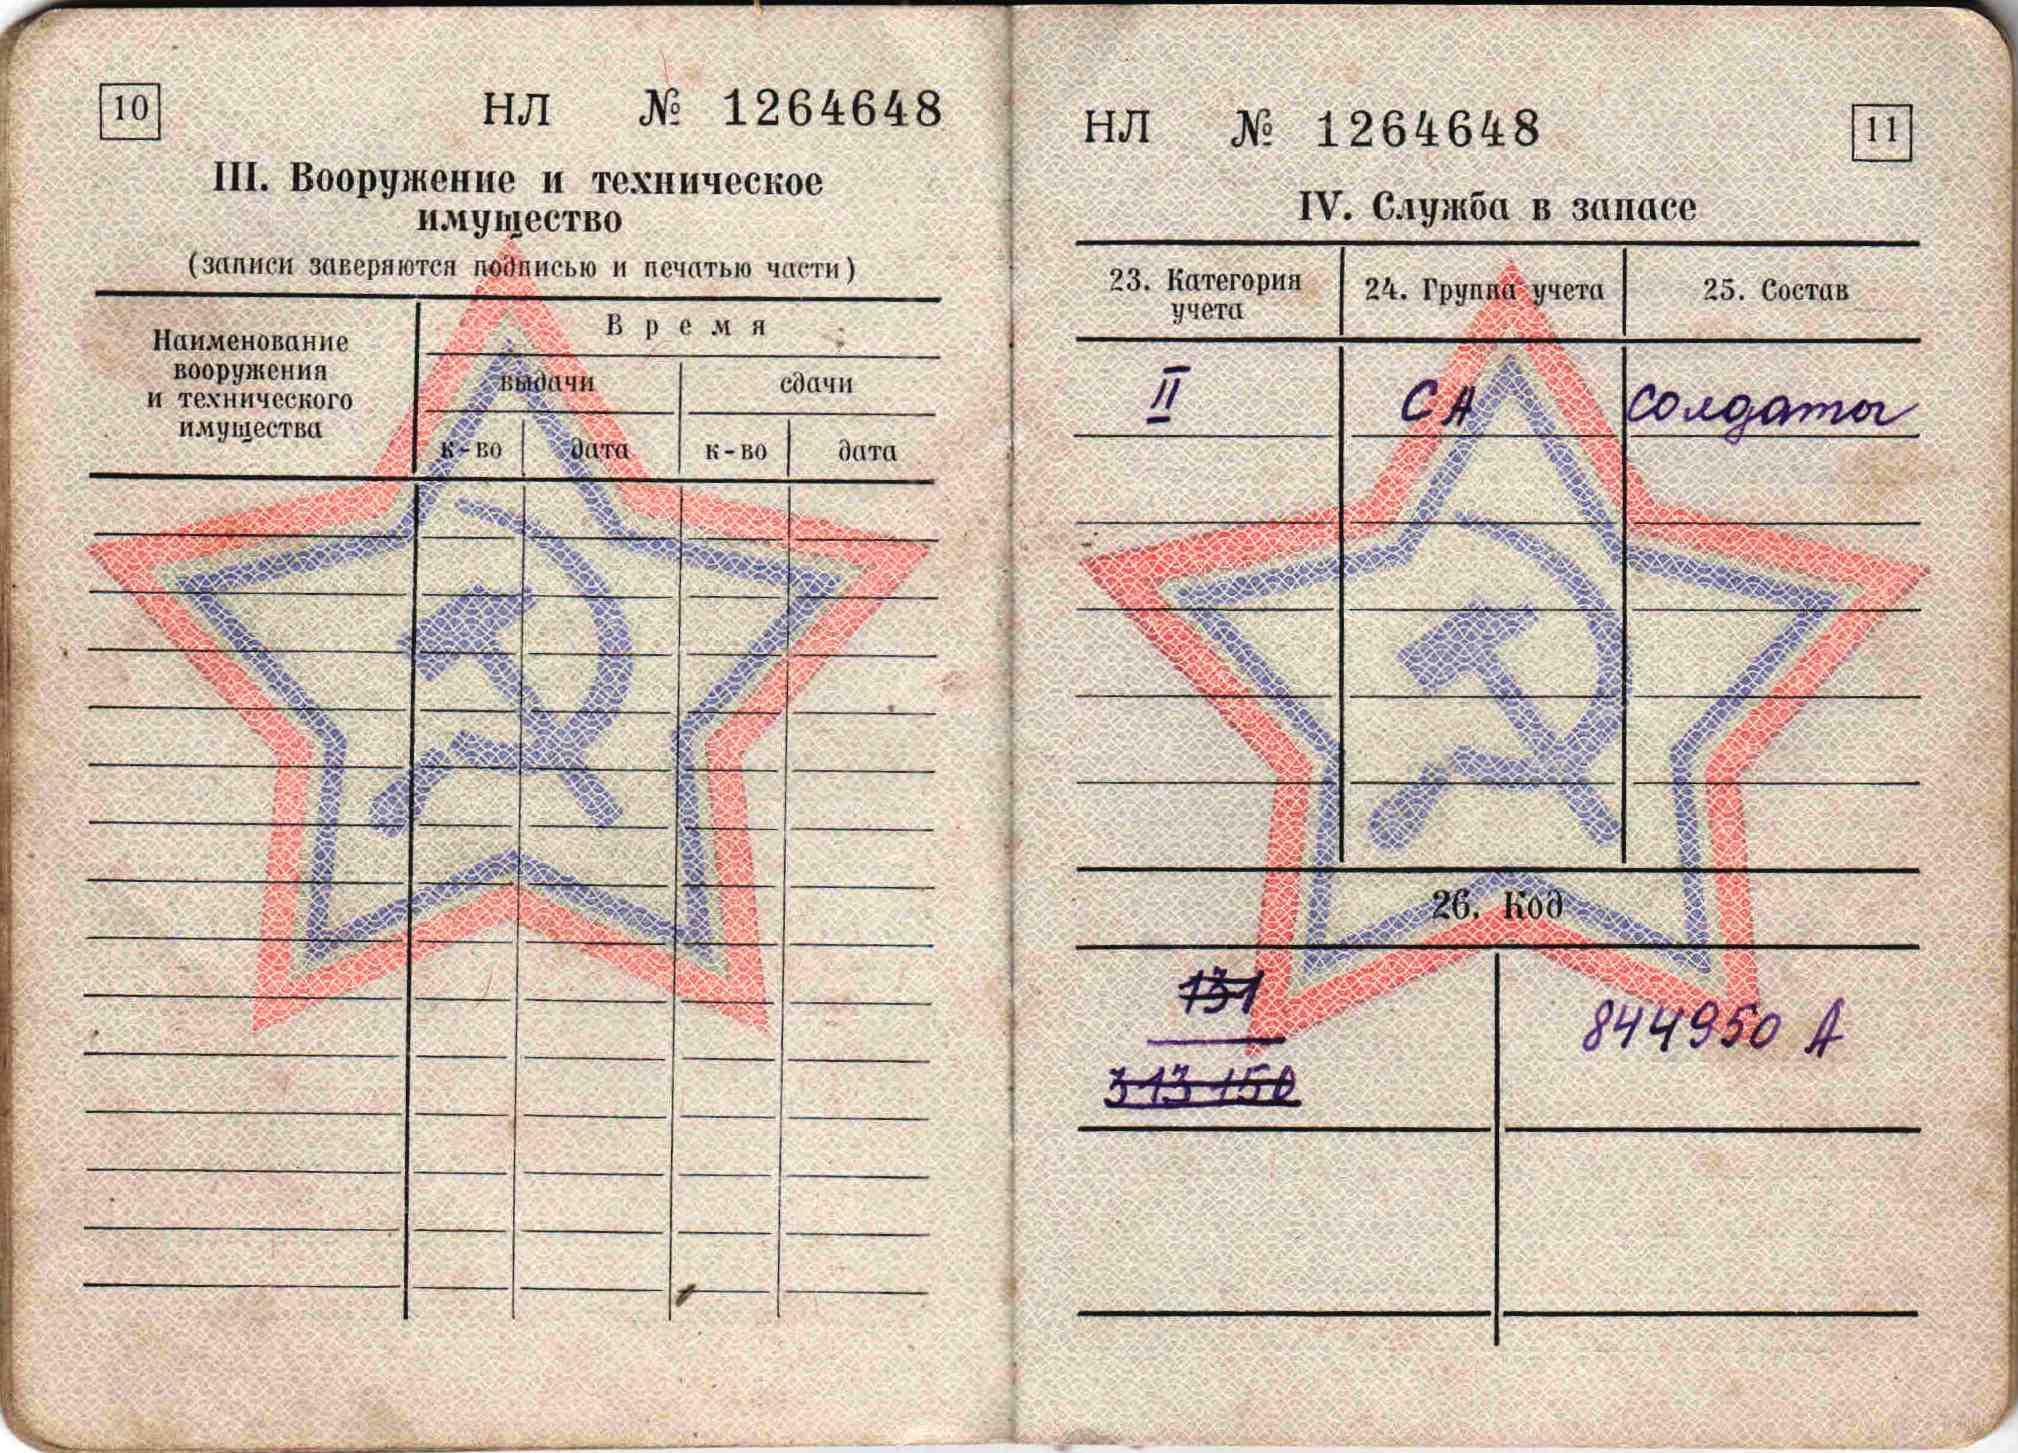 27. Военный билет, 1963 г.